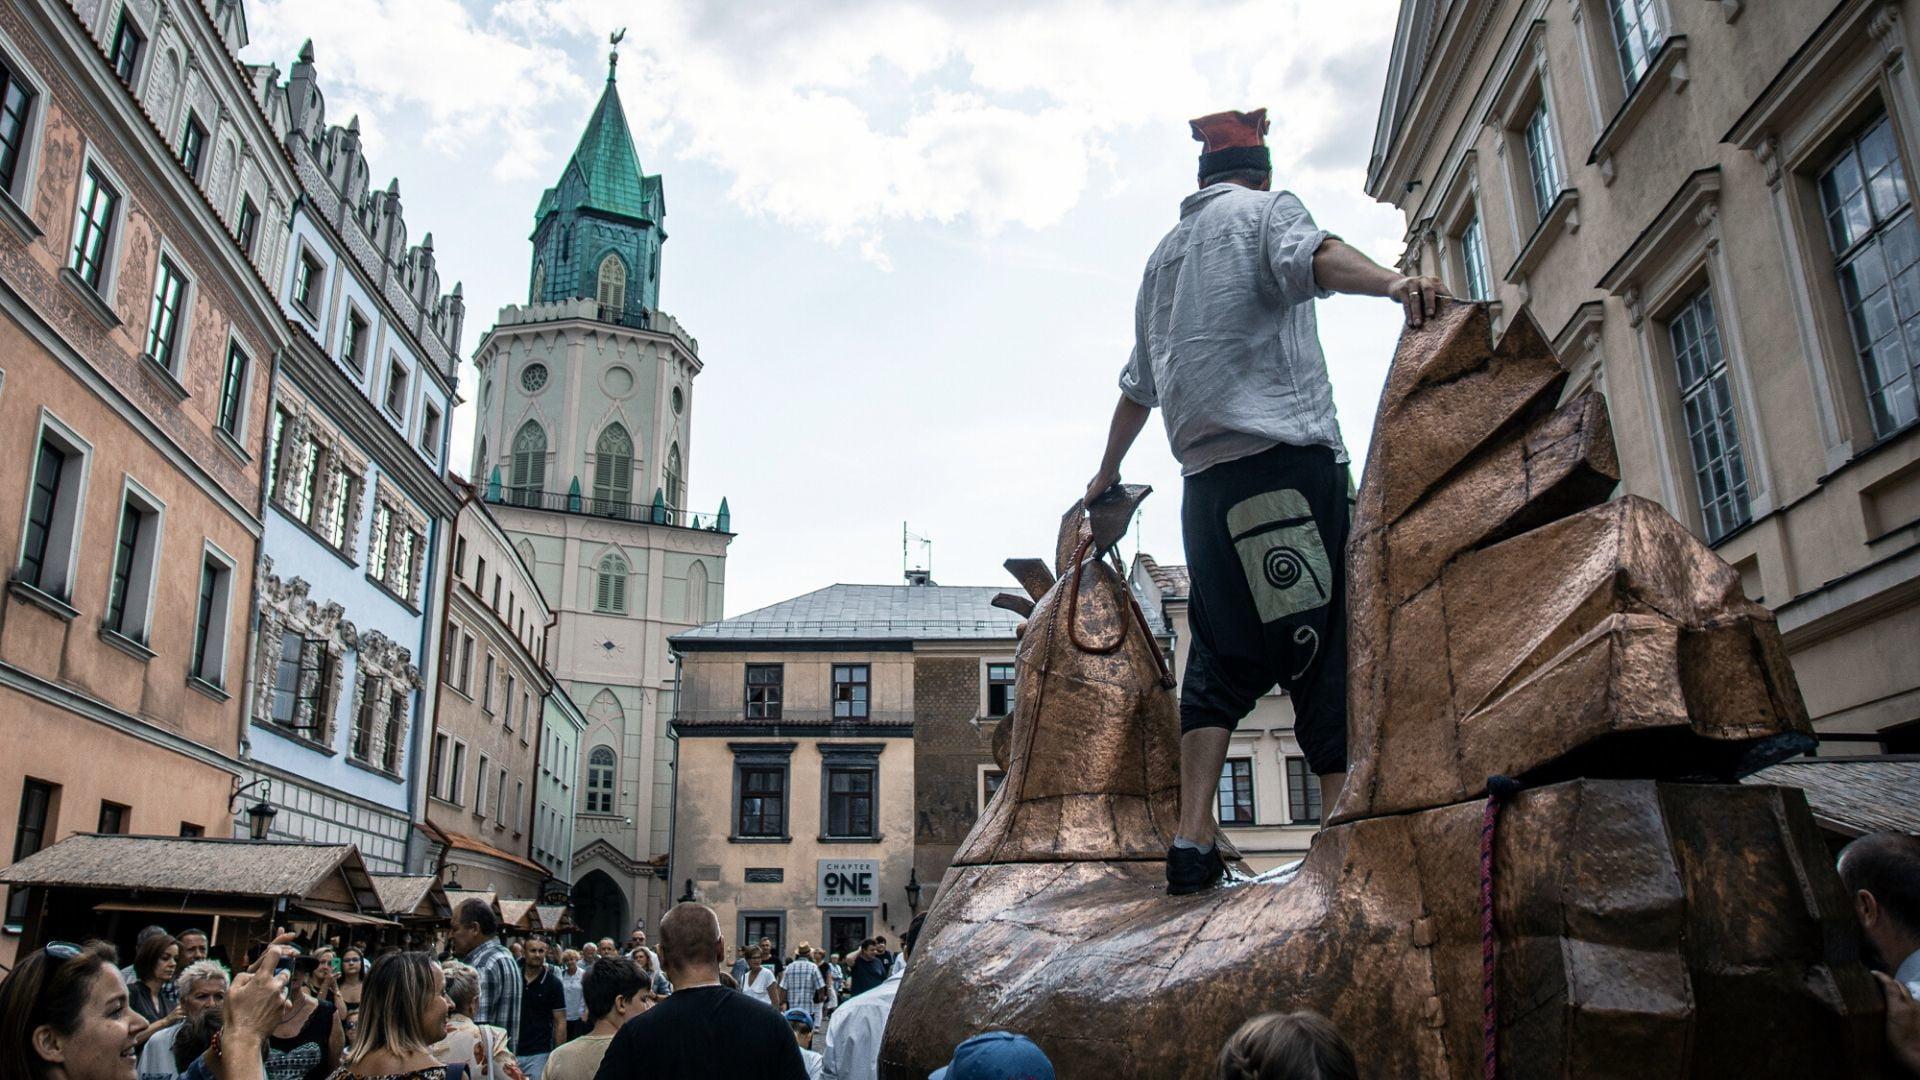 Jarmark Jagielloński. Pomiędzy tłumem spacerujących ludzi przejeżdża olbrzymia miedziana kura, na której grzbiecie stoi mężczyzna